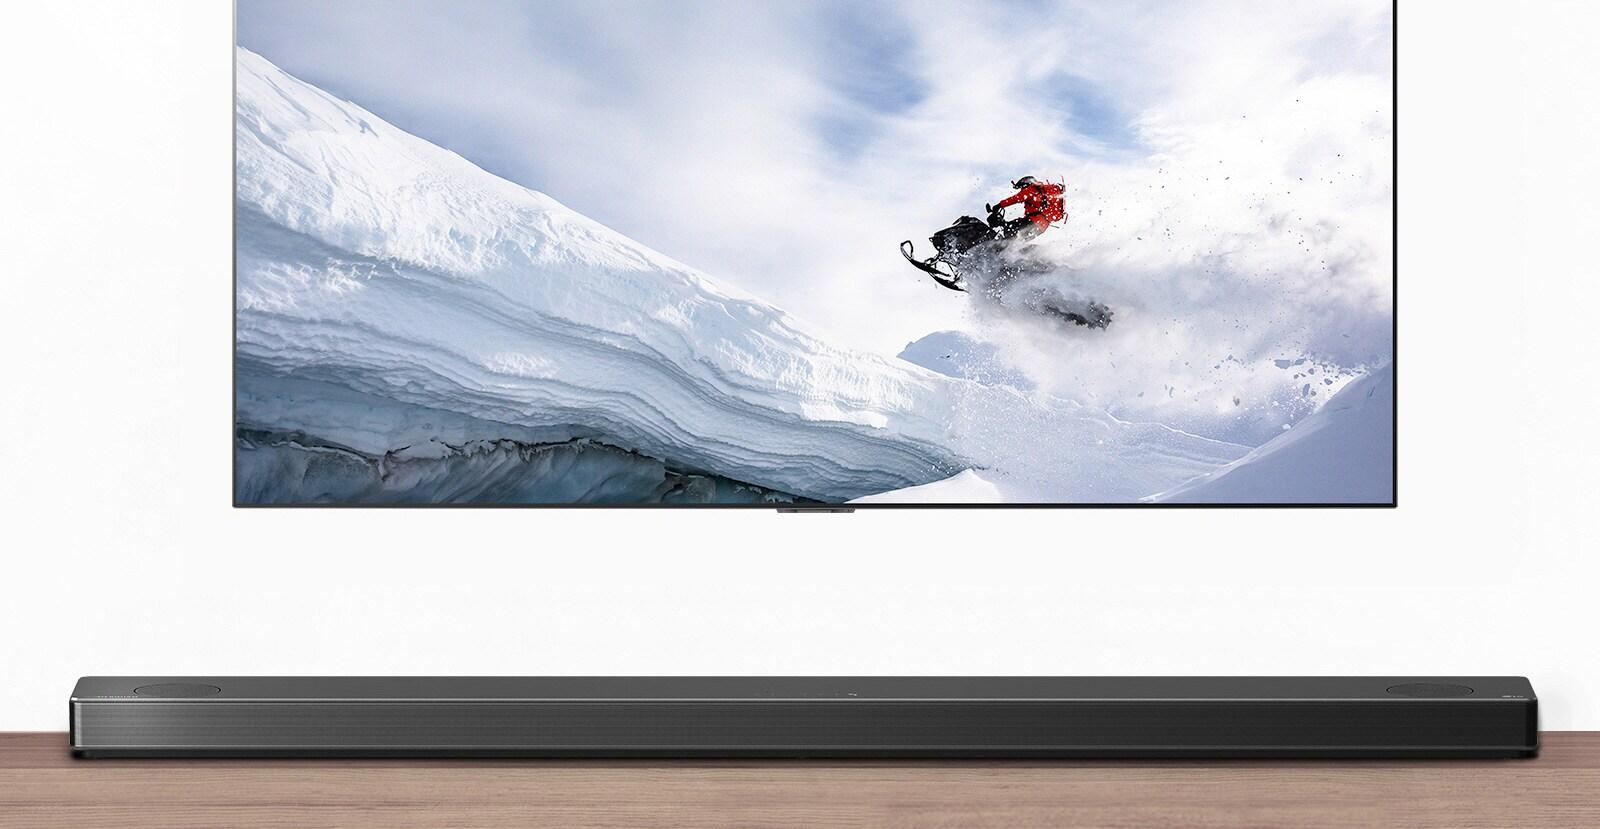 El televisor y la barra de sonido se ven desde la parte frontal. El televisor muestra un hombre pilotando una moto de nieve en las montañas nevadas. El logo HDMI 2.1 está debajo del televisor.